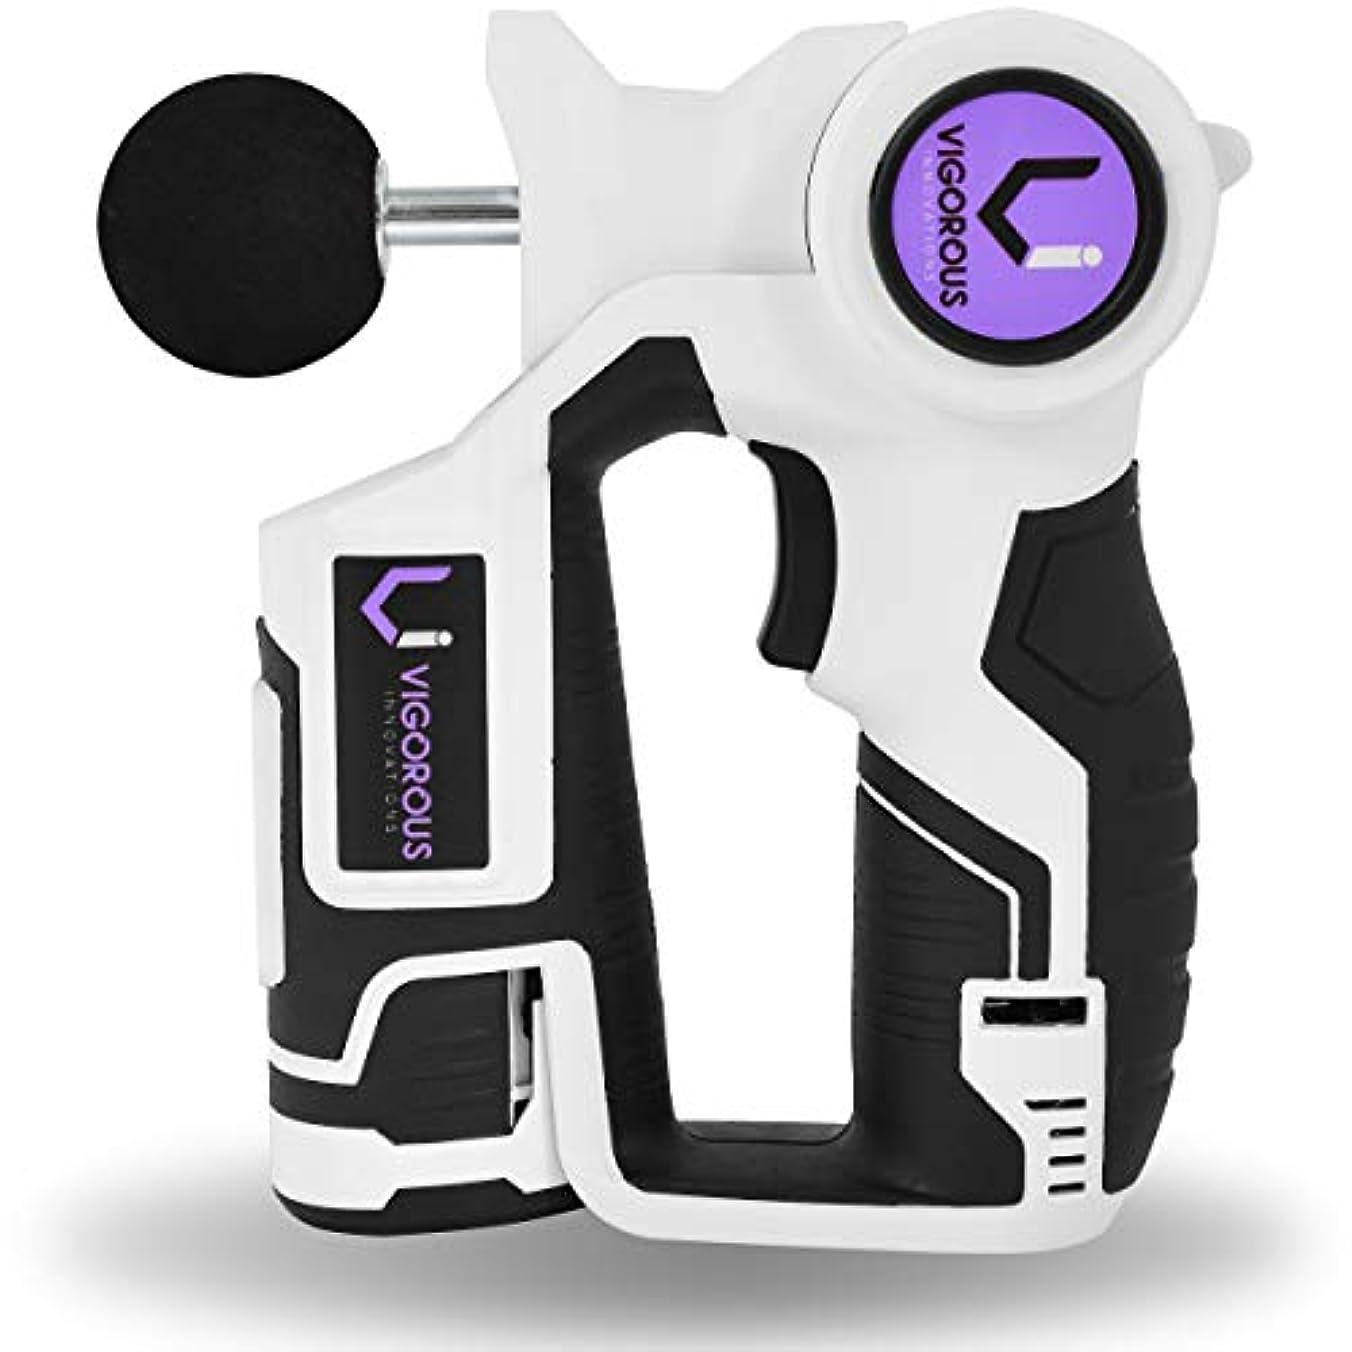 父方のバインド人道的ジグソー マッサージガン アスリート用 Jigsaw Massage Gun for Athletes - 2 Long Lasting Batteries w/Percussion Deep Tissue Massager...